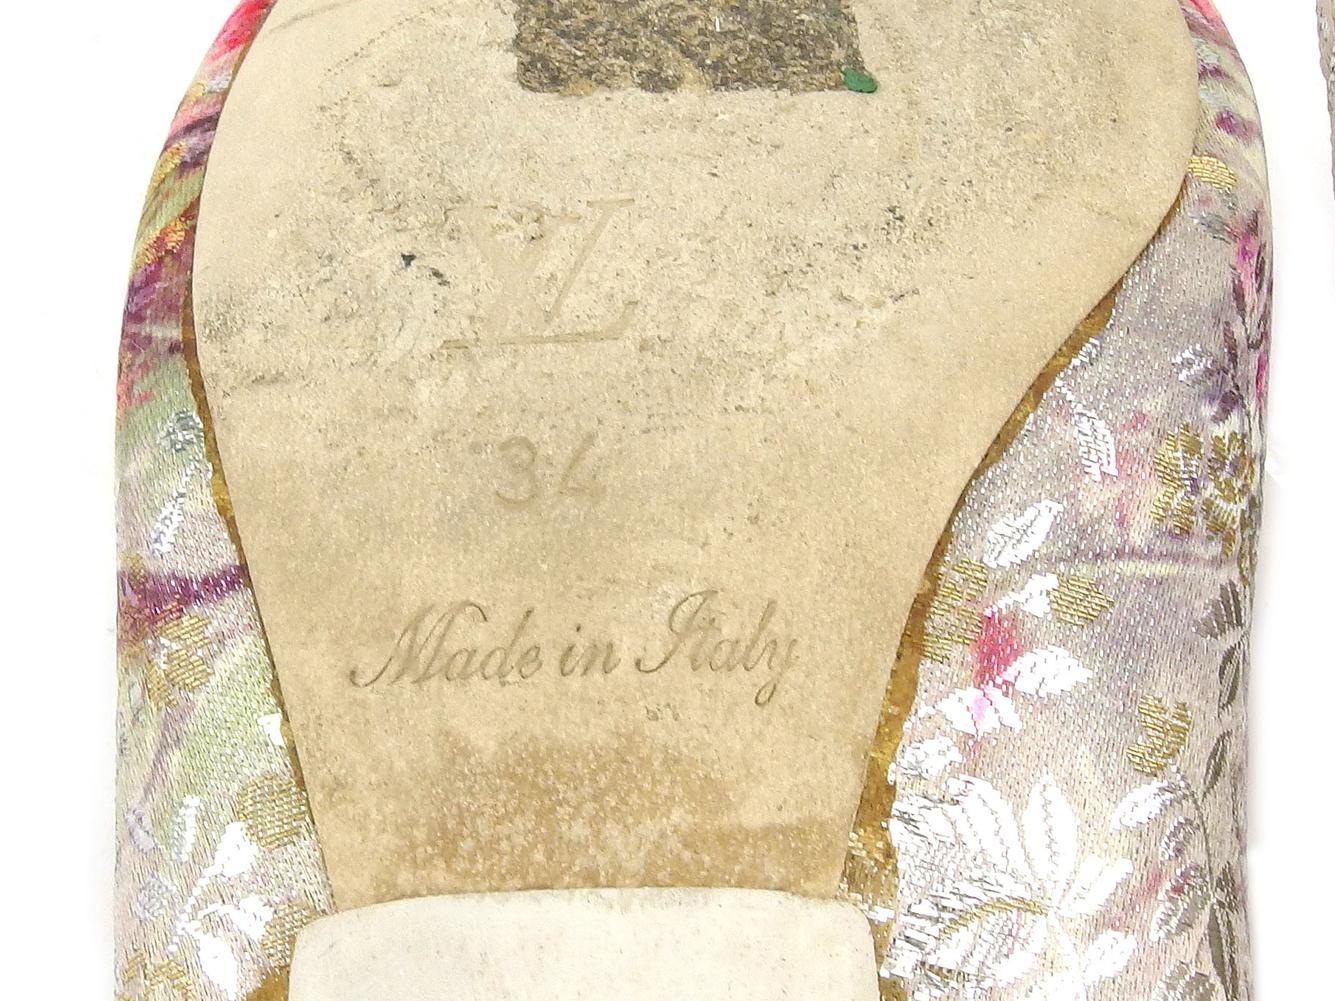 ルイ ヴィトン パンプス シューズ 靴 レディース ♯34 刺繍 シルバー ピンク パープル LOUIS VUITTON T17834shdrtQCx